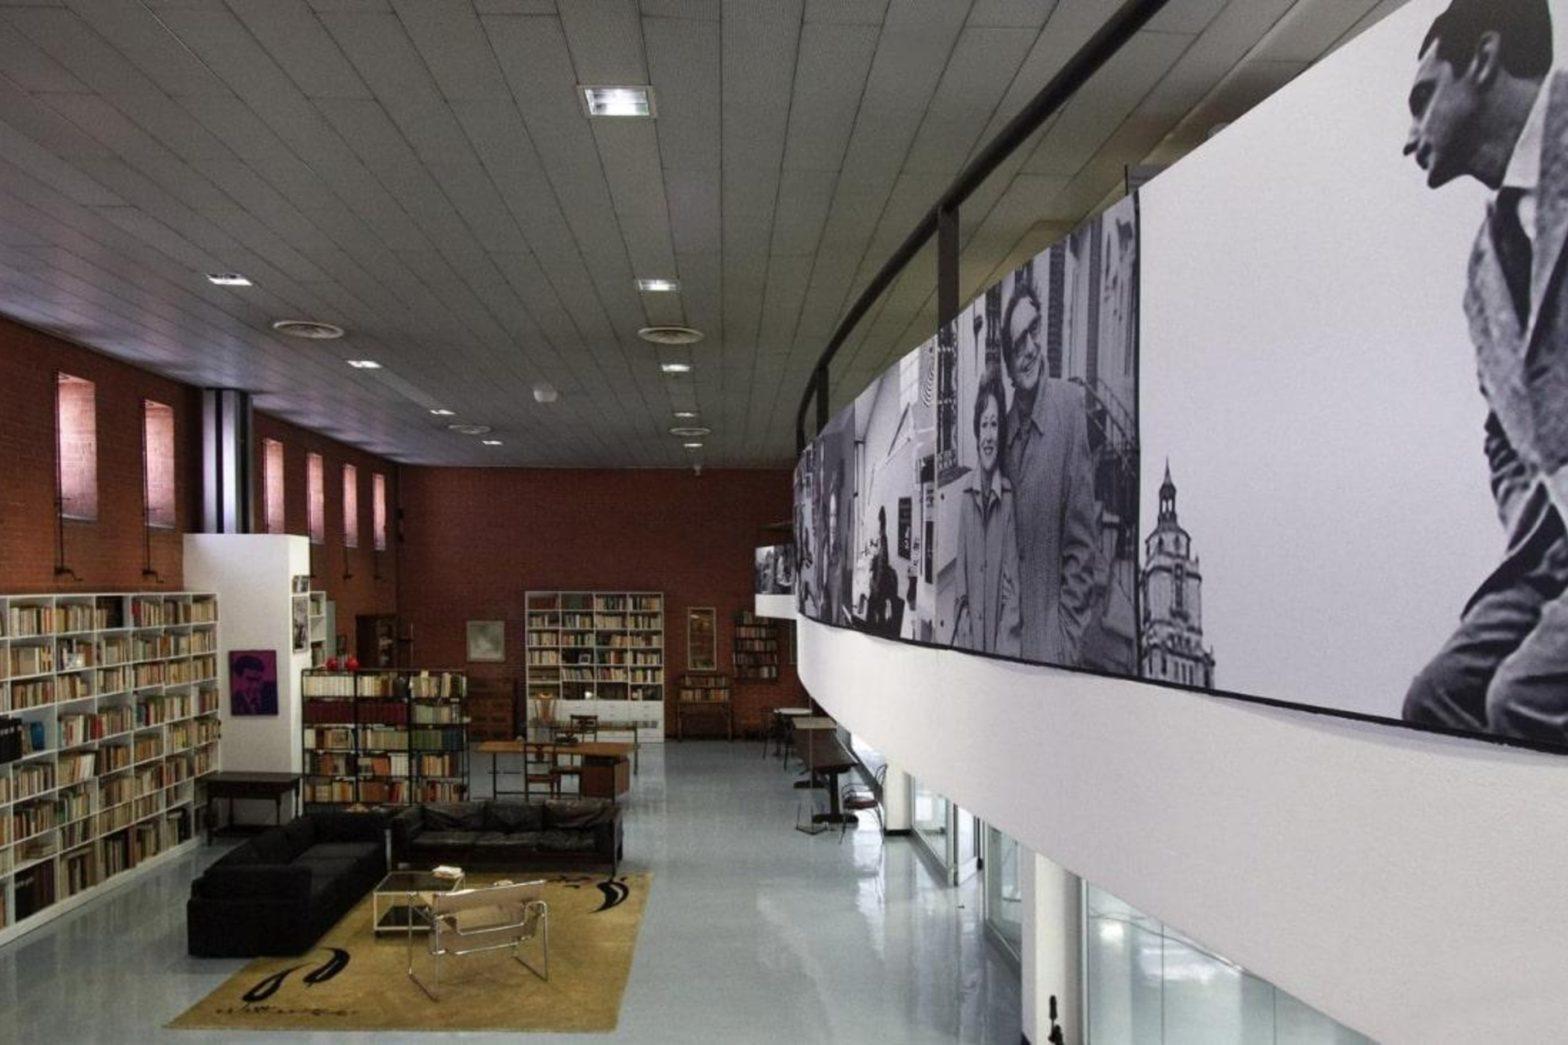 Biblioteca nazionale centrale di Roma: il 28 luglio l'inaugurazione della sala dedicata a Italo Calvino